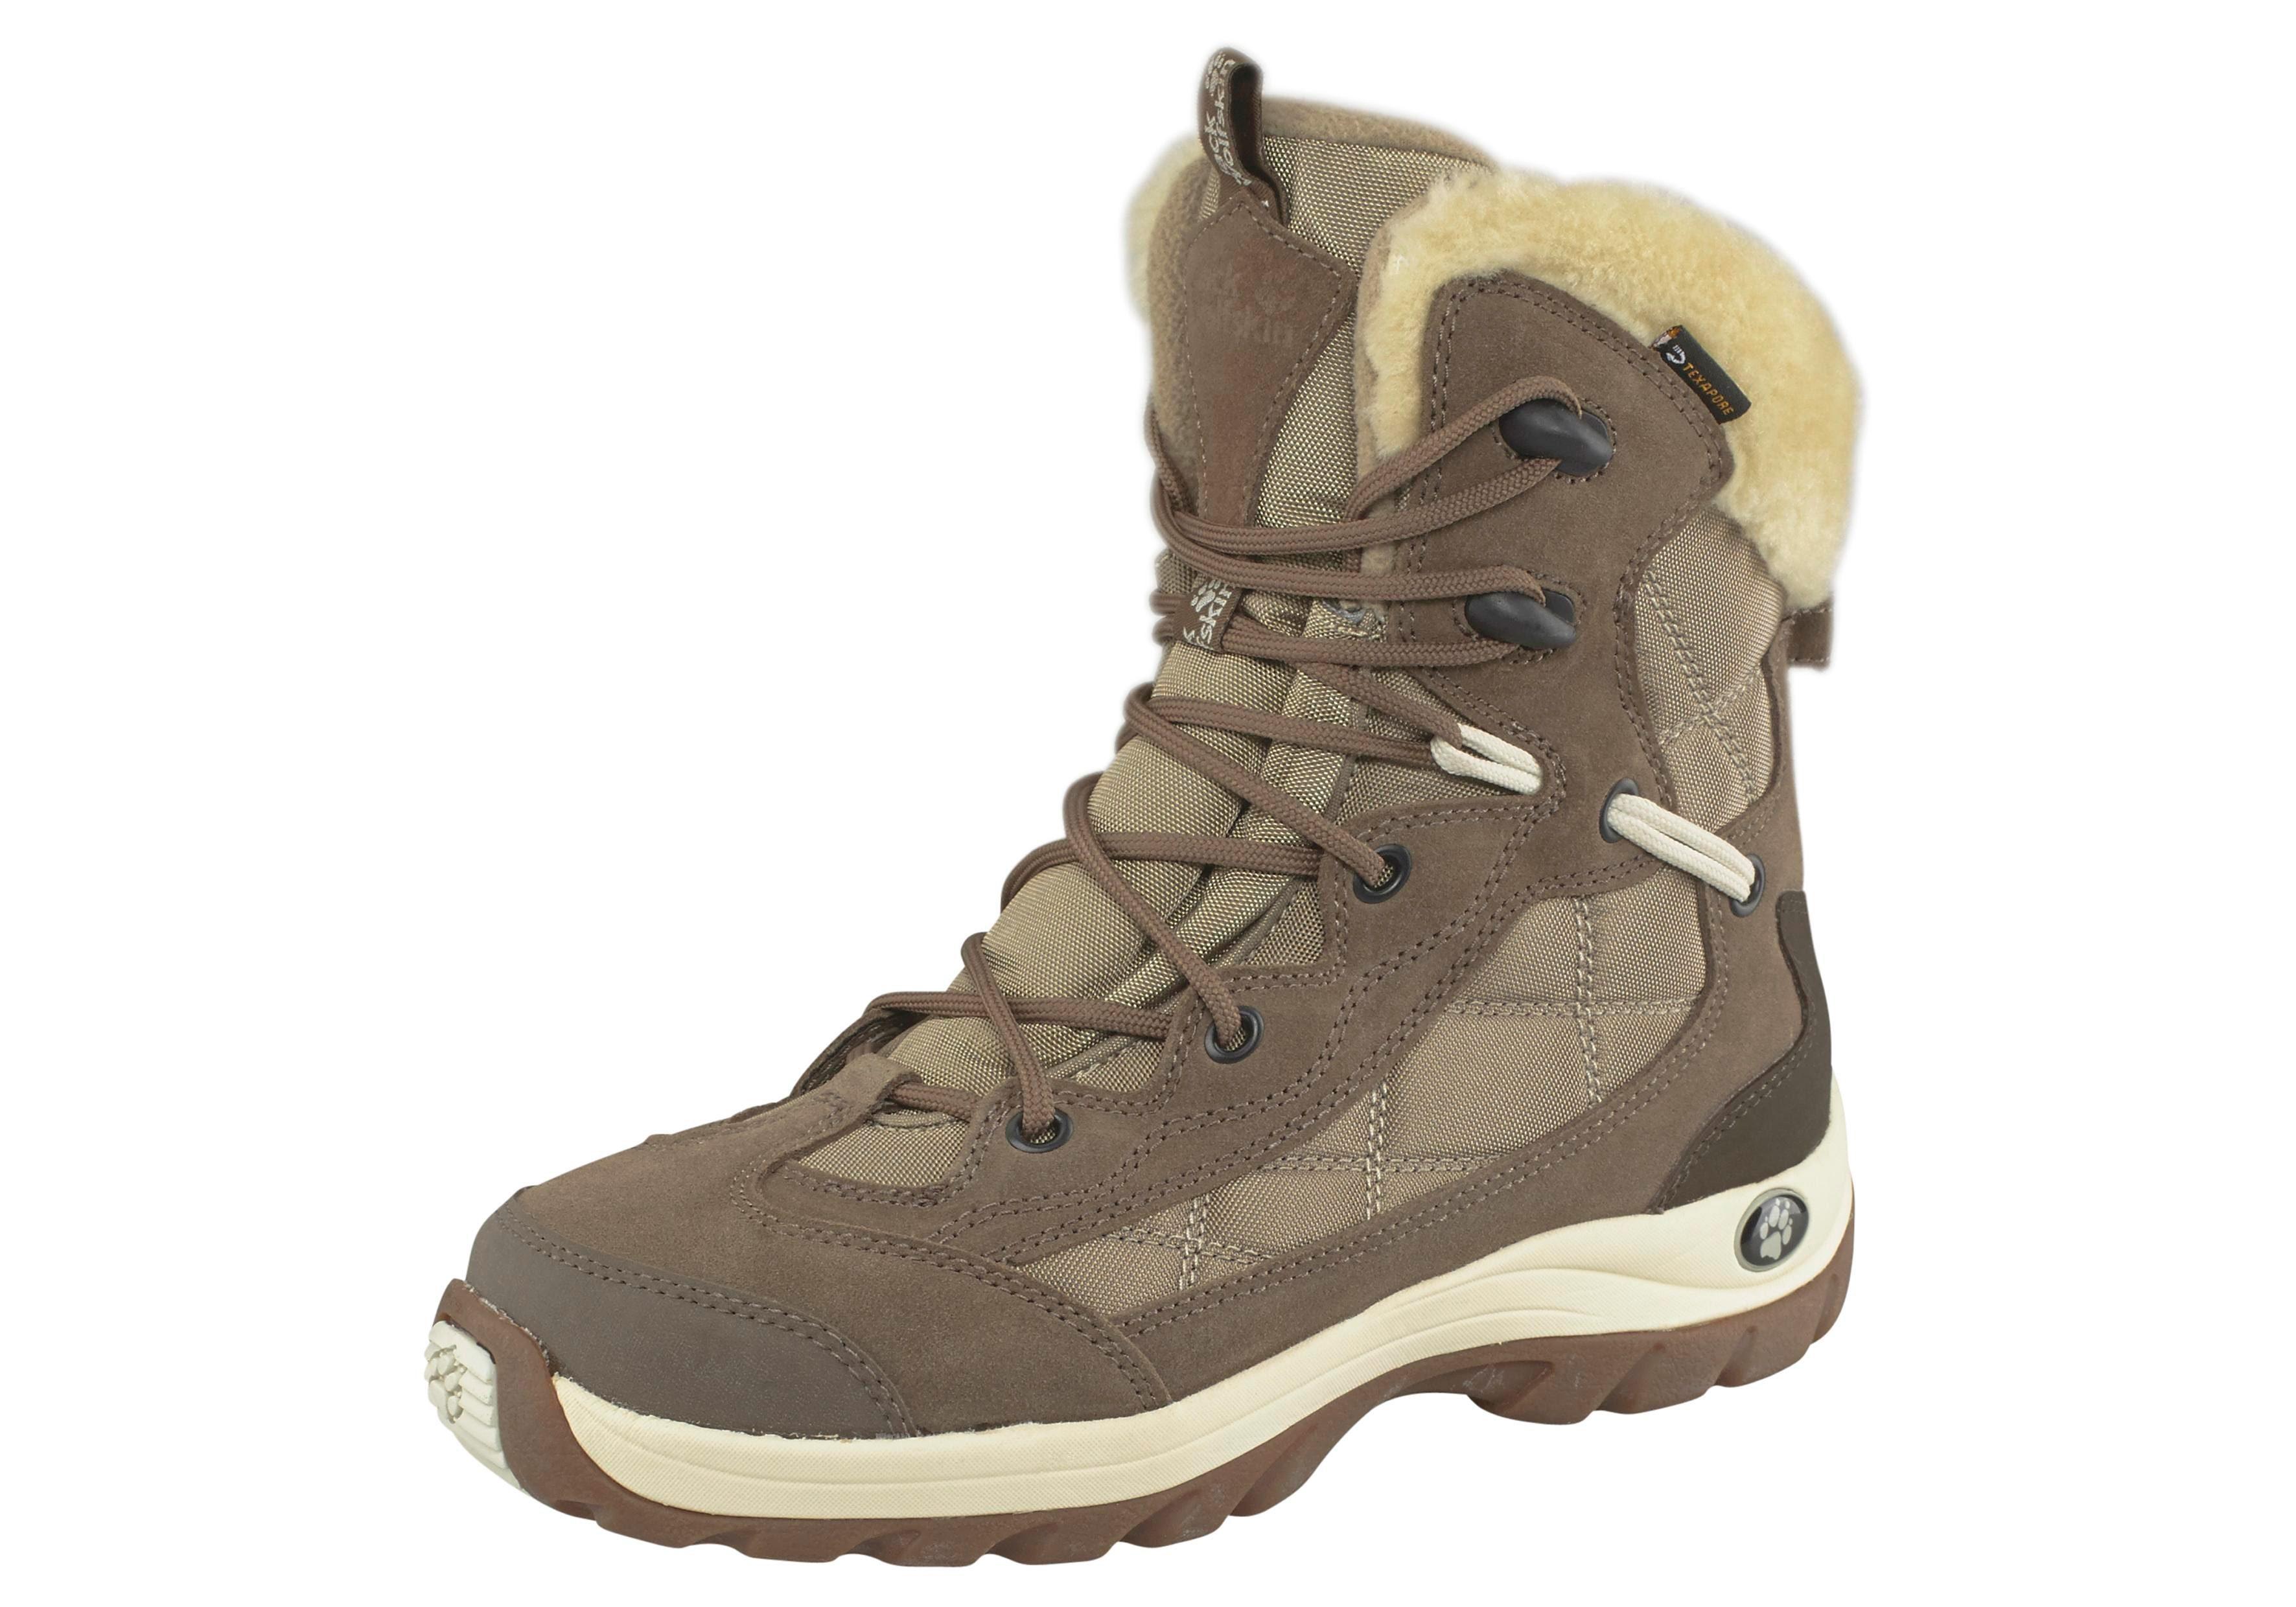 Jack Wolfskin Outdoorwinterstiefel »Icy Park Texapore Women« | Schuhe > Outdoorschuhe > Outdoorwinterstiefel | Beige | JACK WOLFSKIN